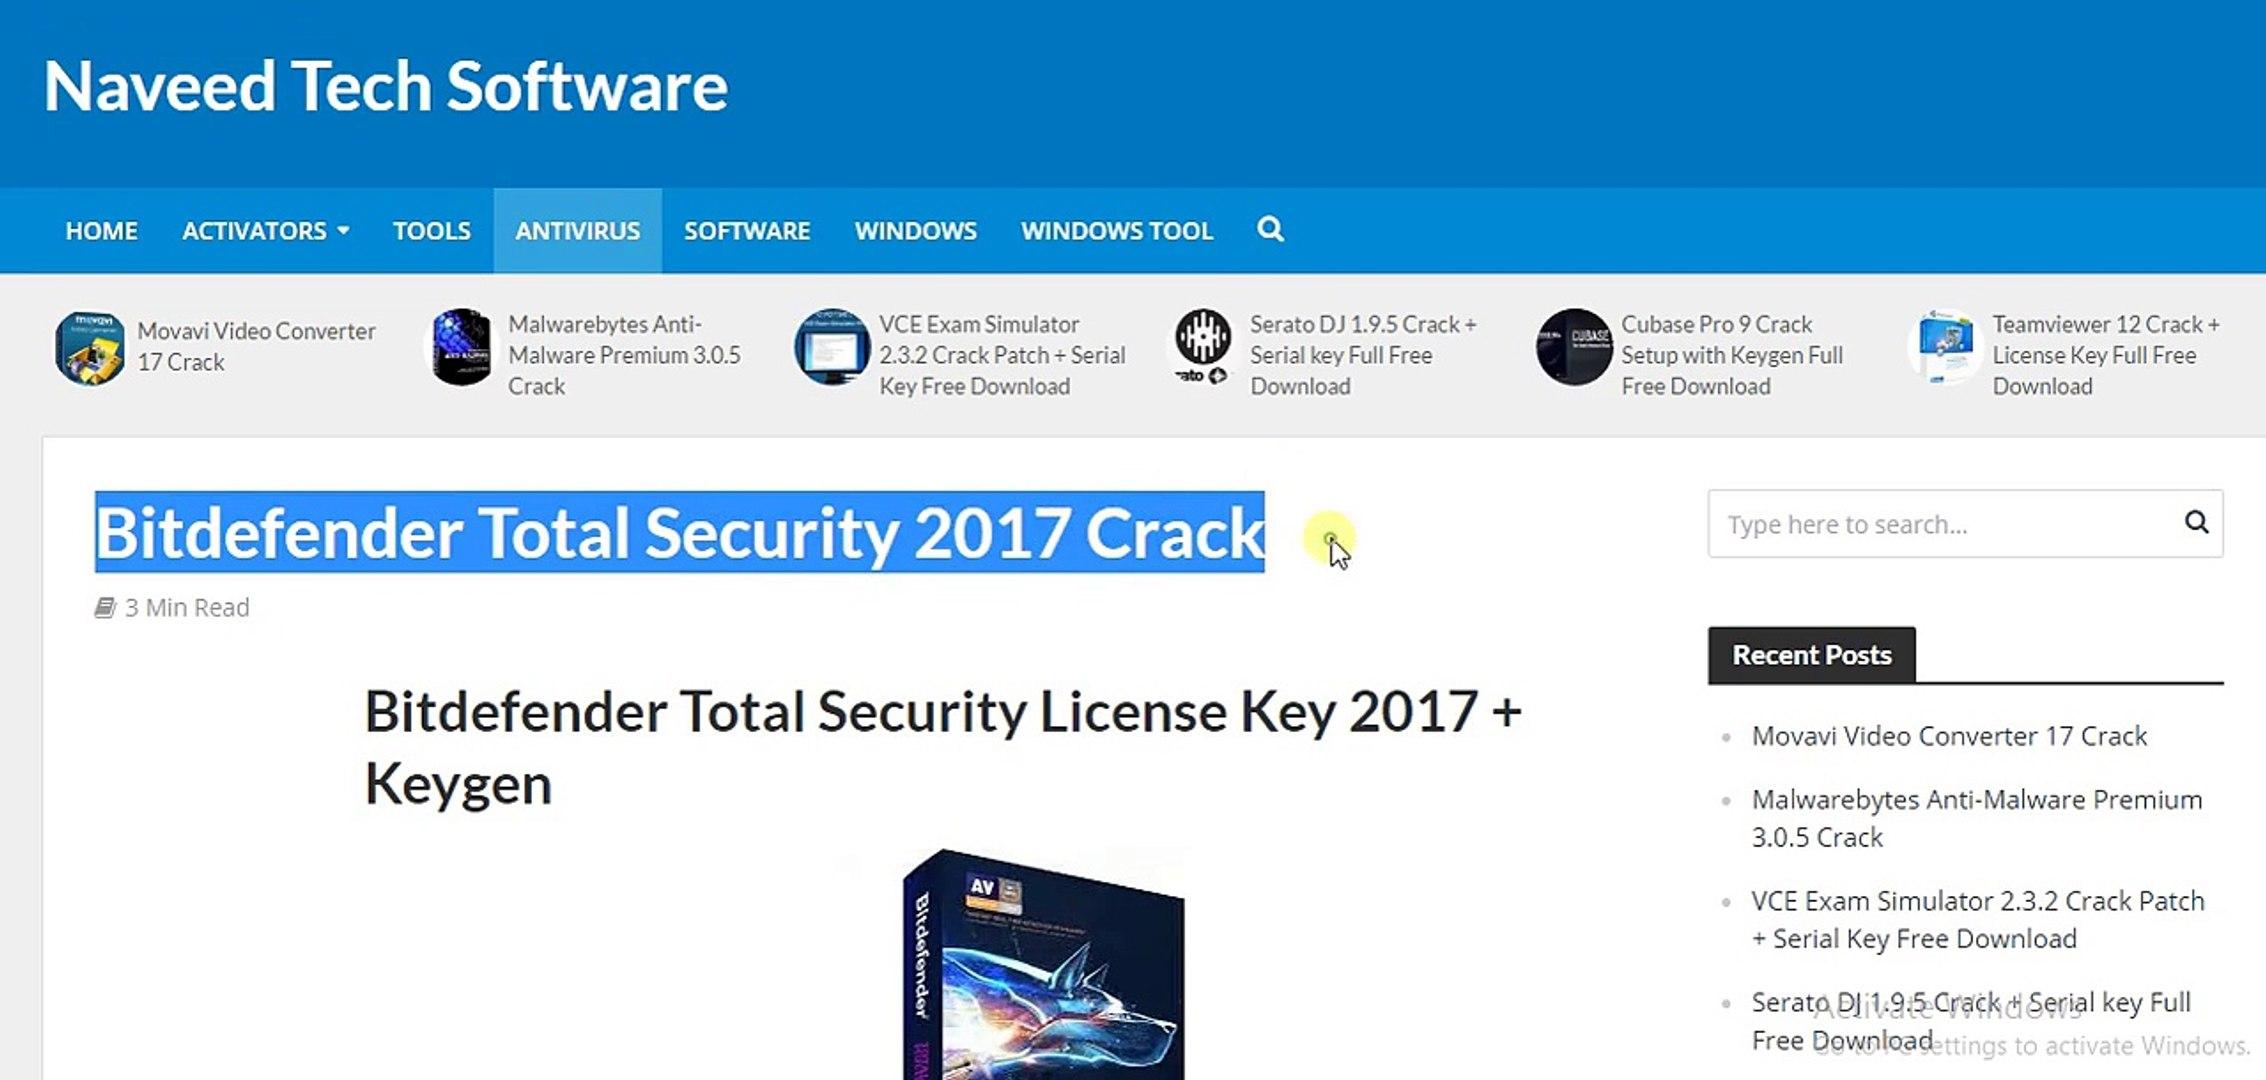 bitdefender total security license key